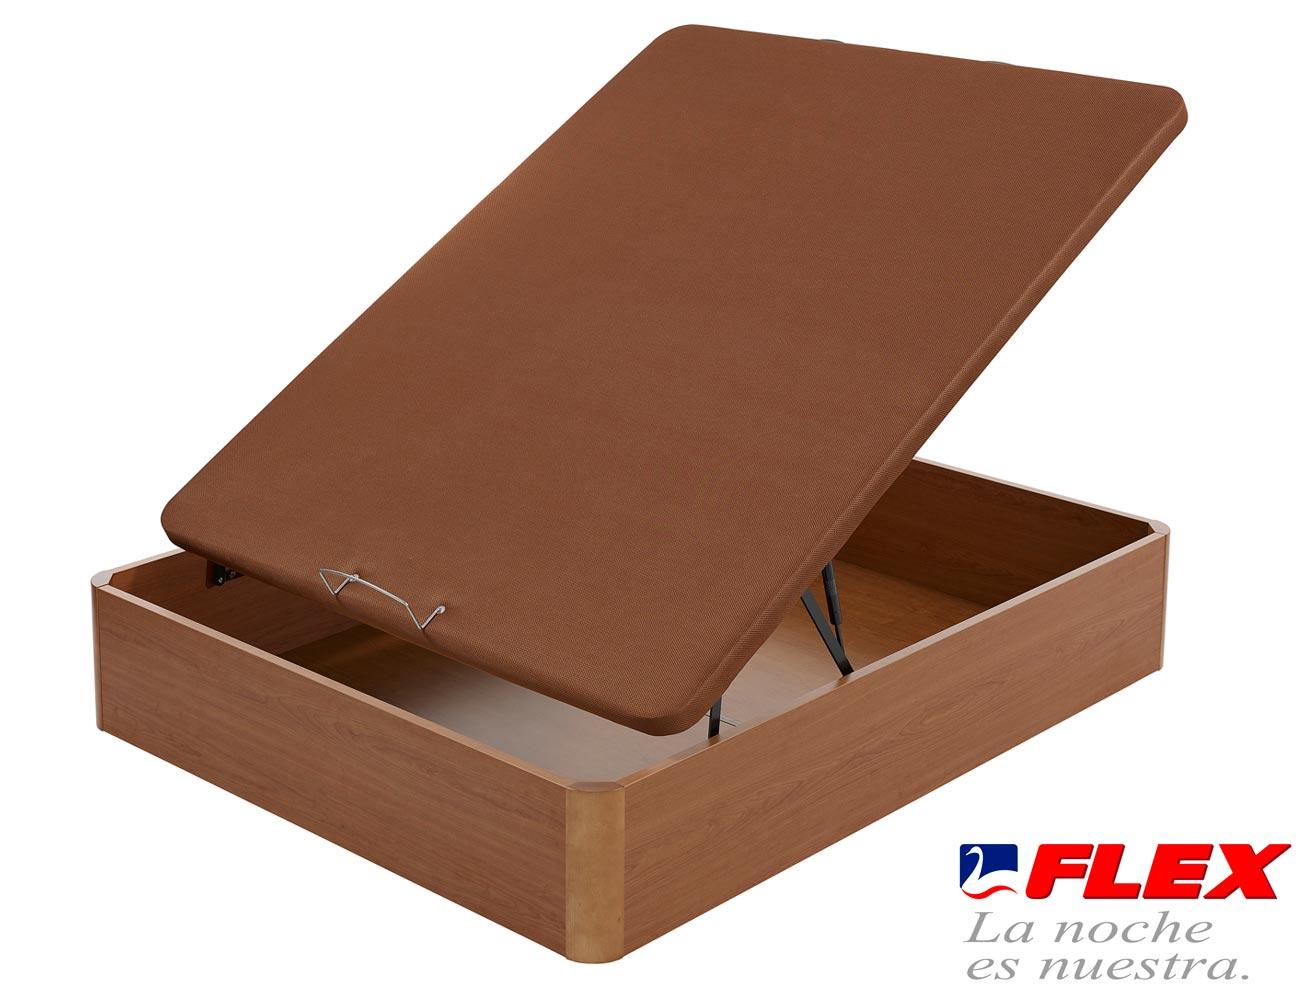 Canape flex madera abatible tapa3d 8315